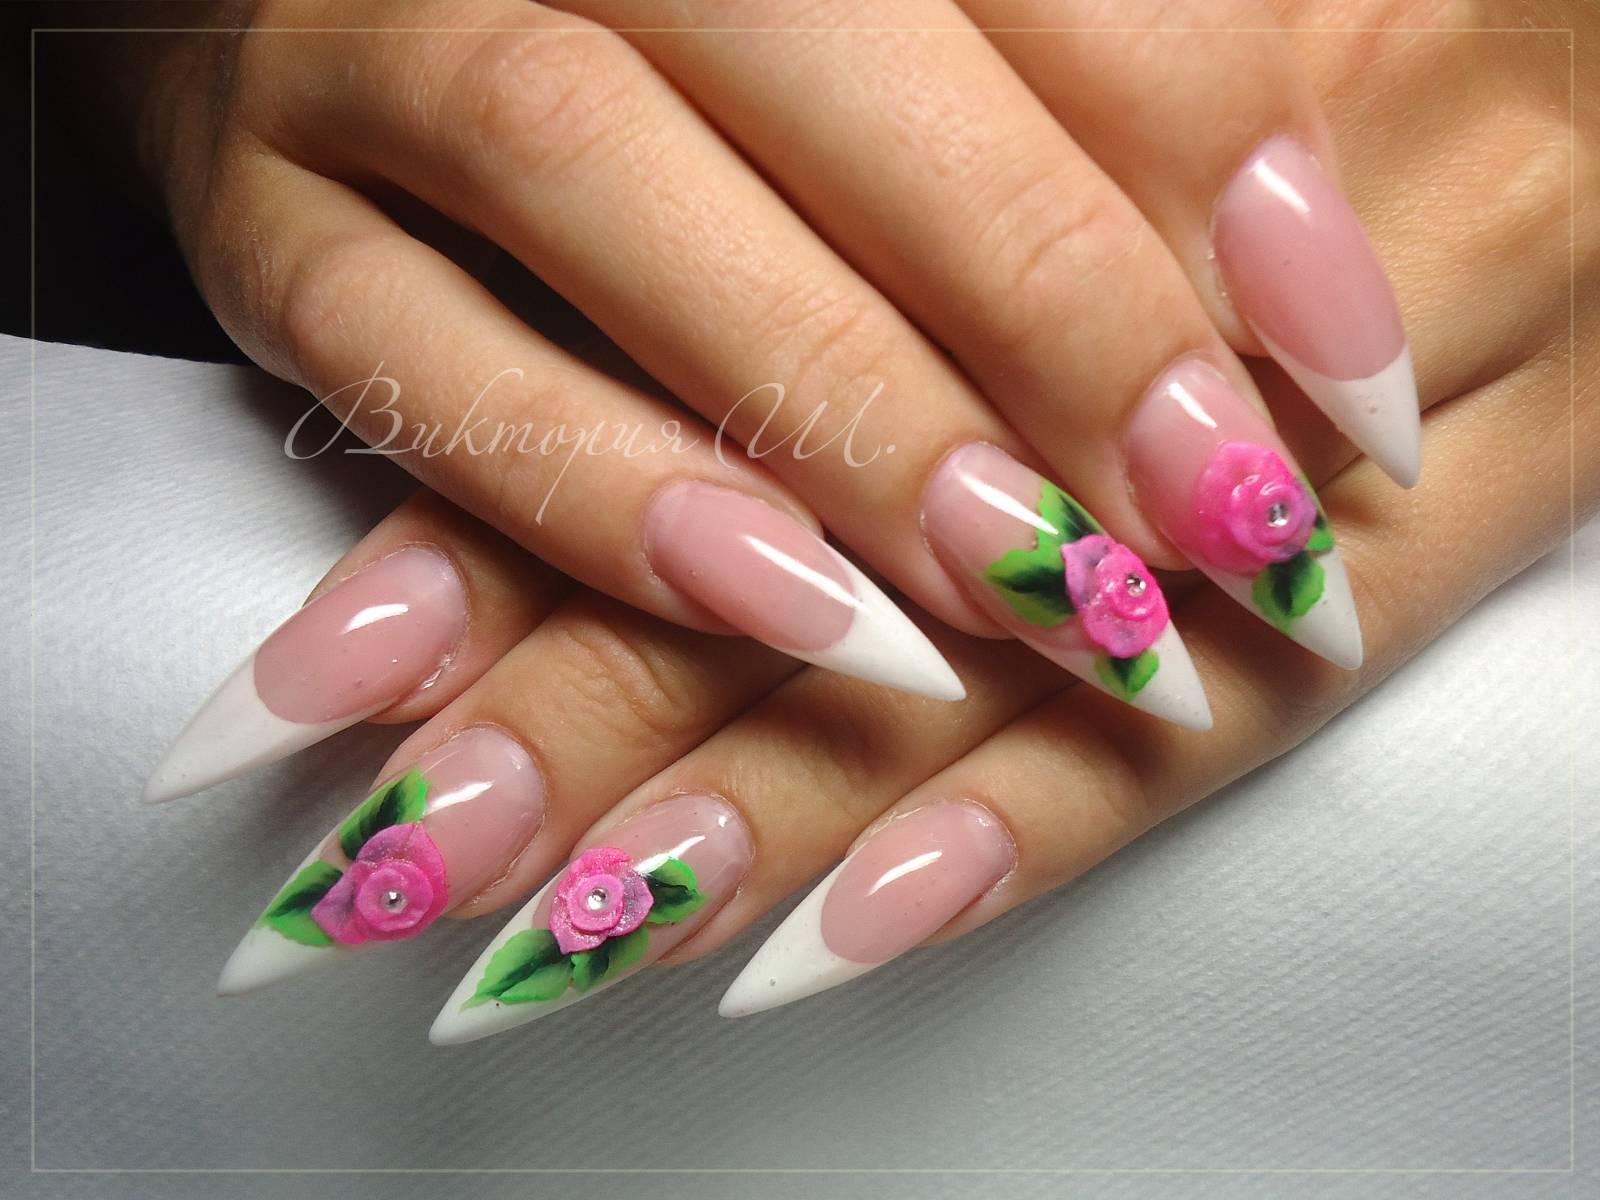 Маникюр с орхидеями - фото идей дизайна ногтей - Best Маникюр